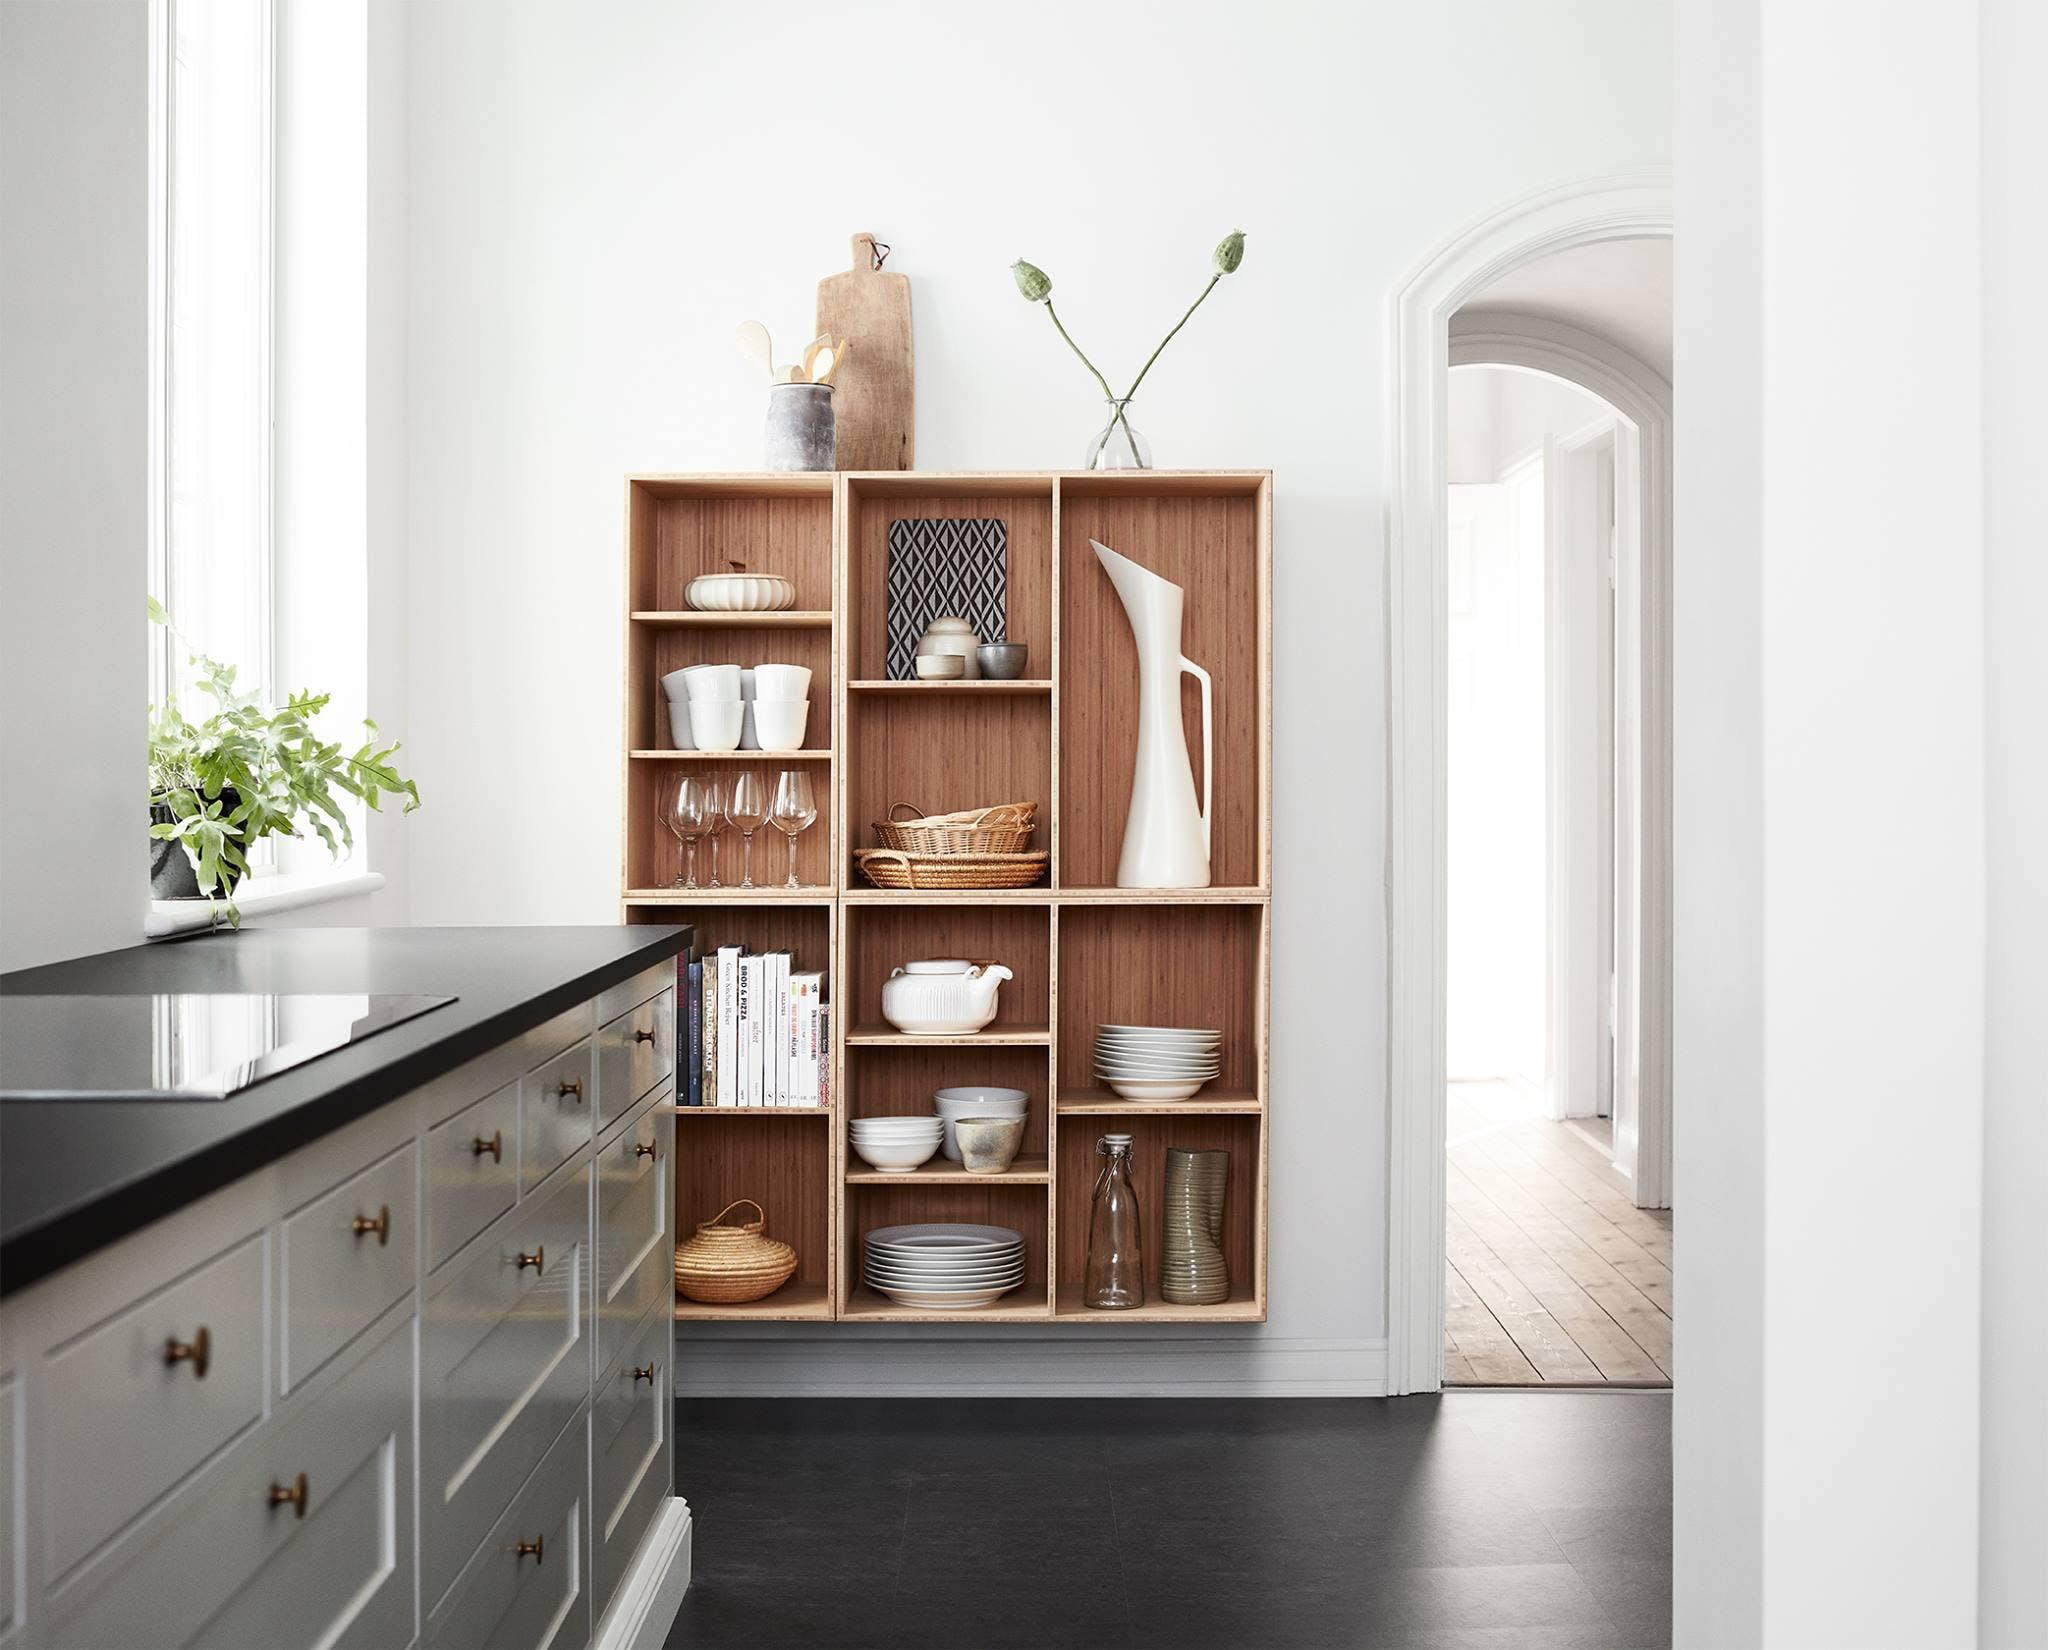 Guide til danske bolighuse og møbelforretninger